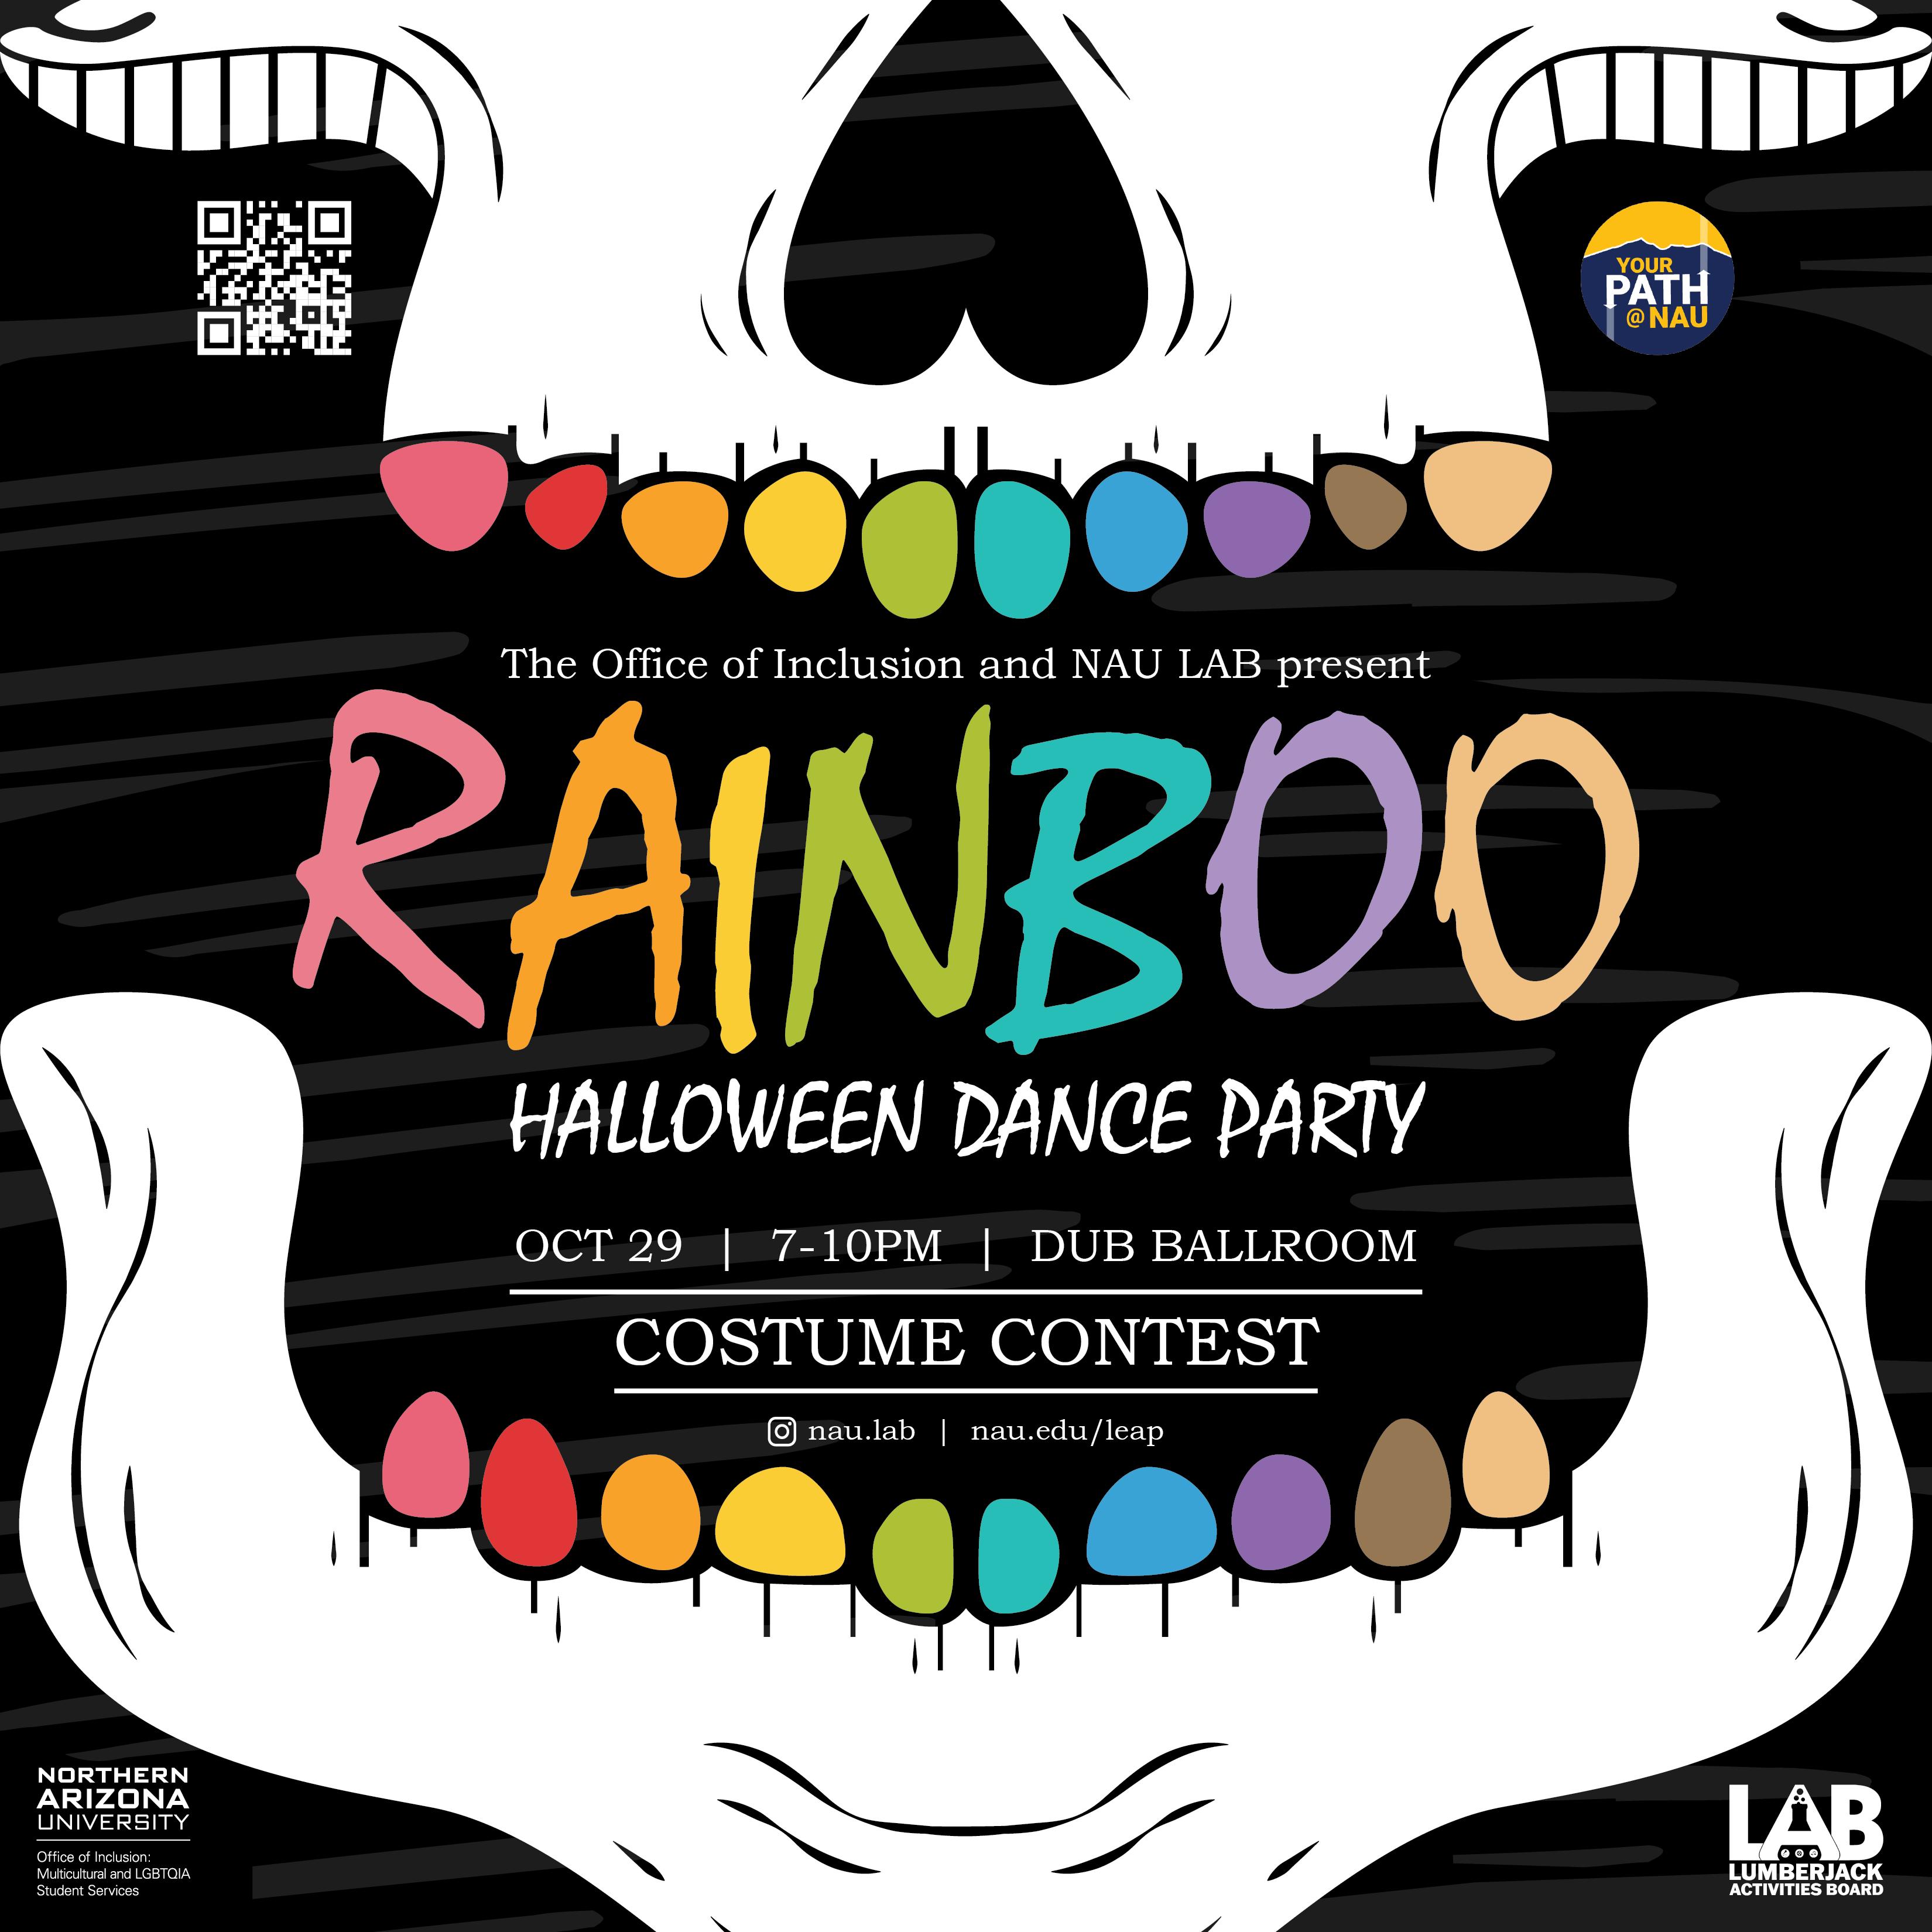 Rainboo_social.png